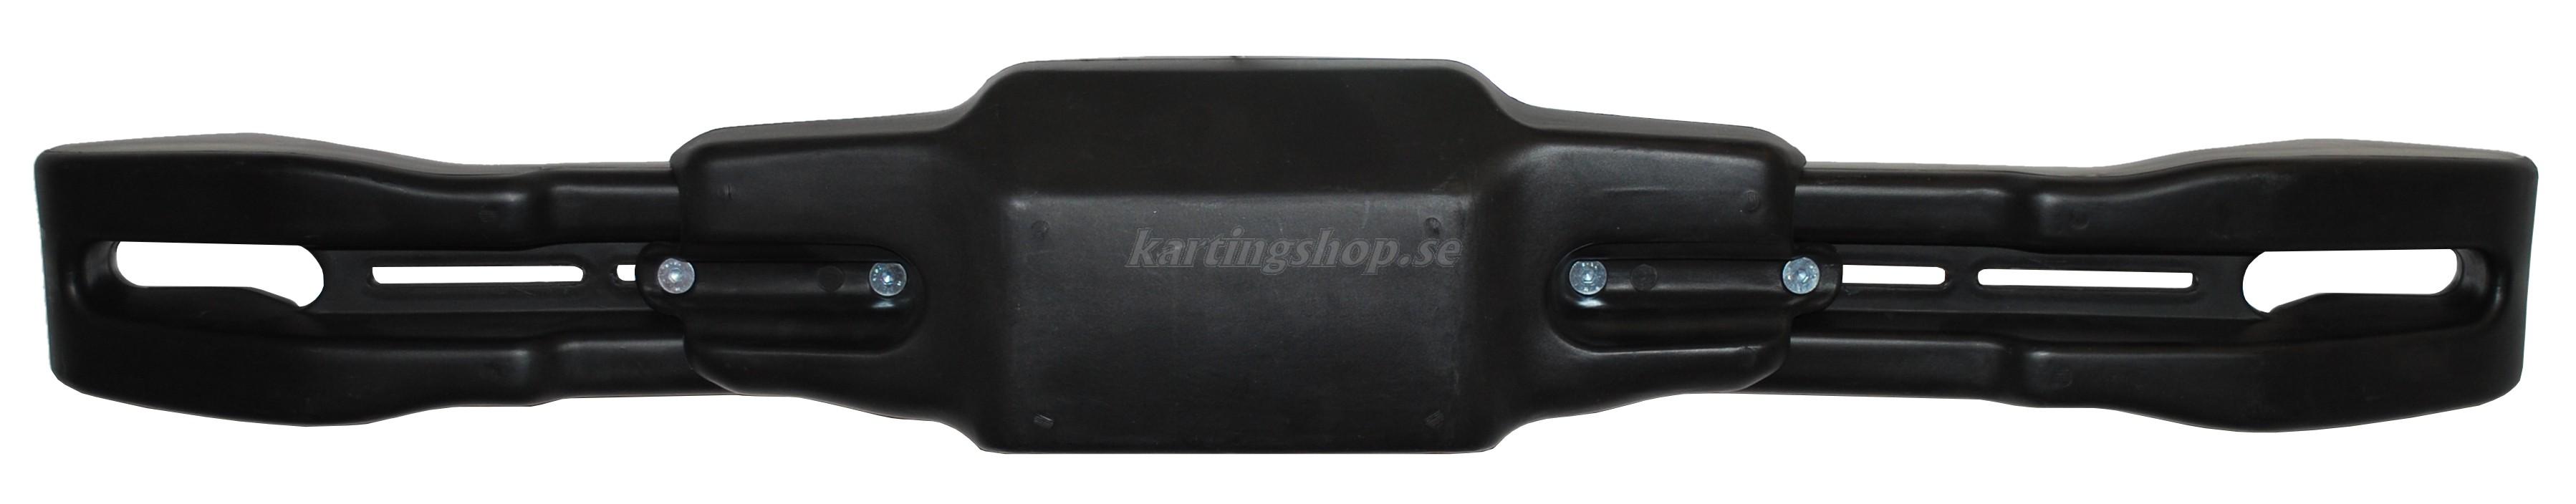 Bakspoiler KG justerbar tris svart . 99,5-117,5 cm